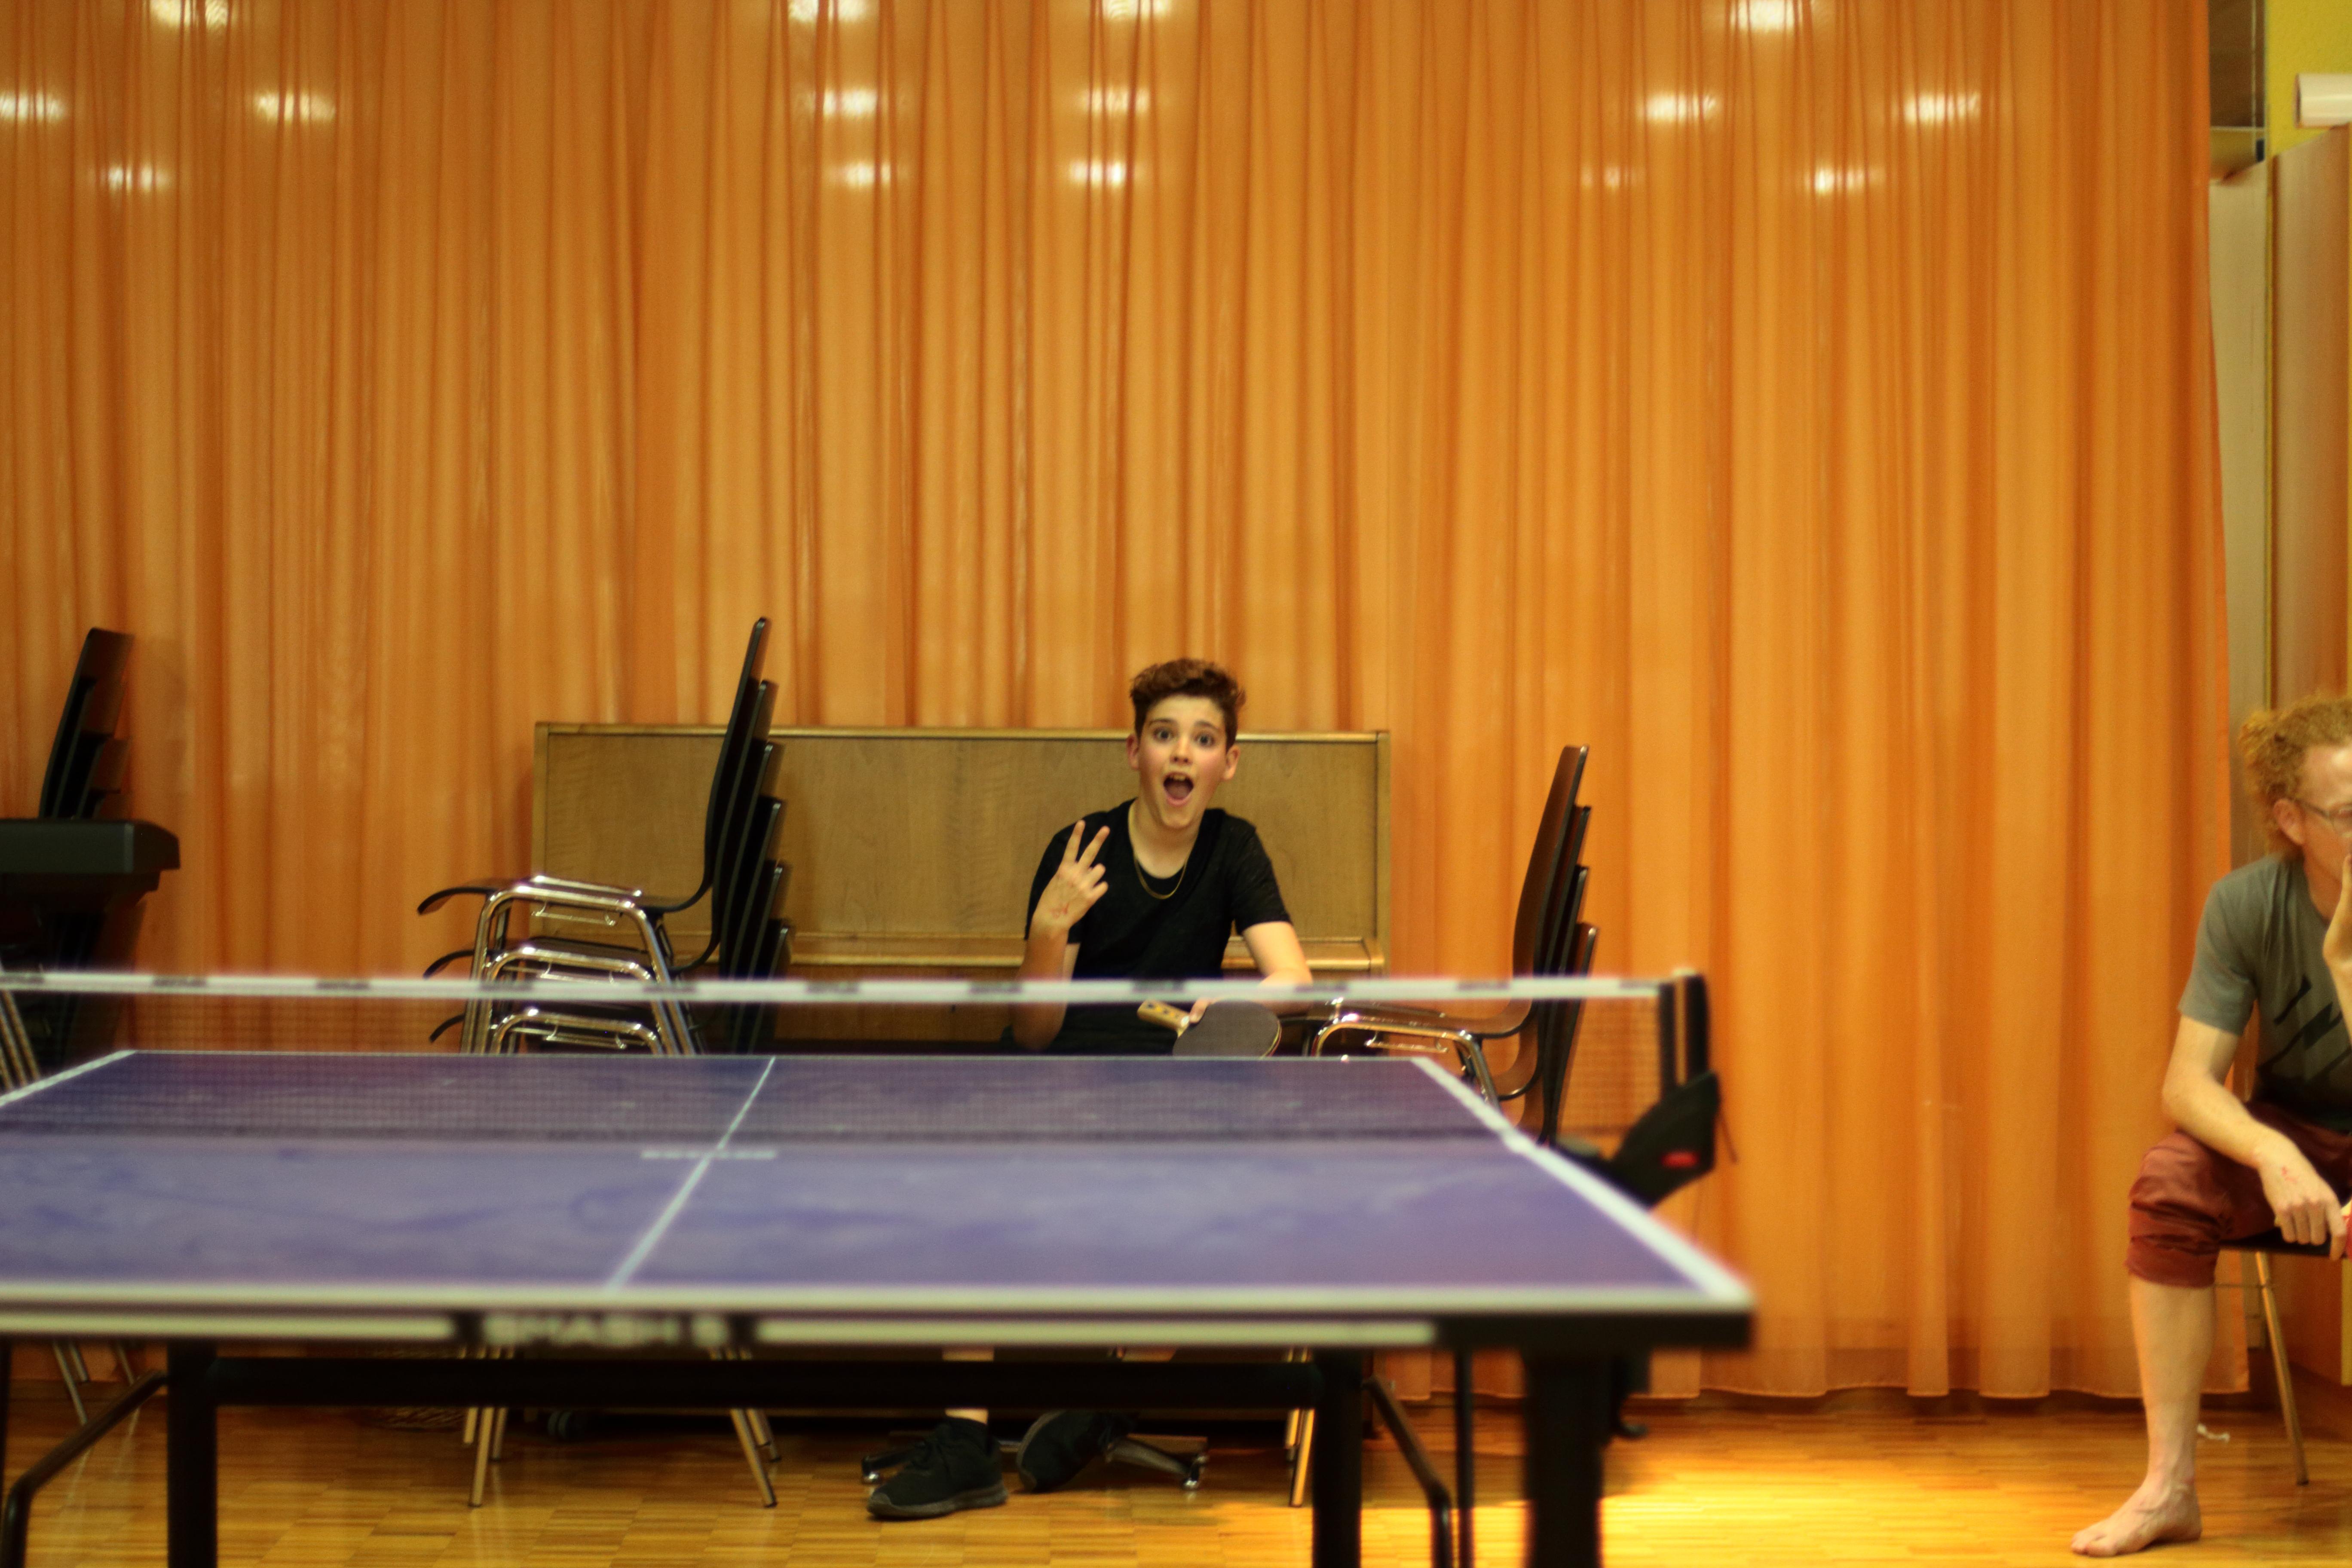 Ping Pong Tournier